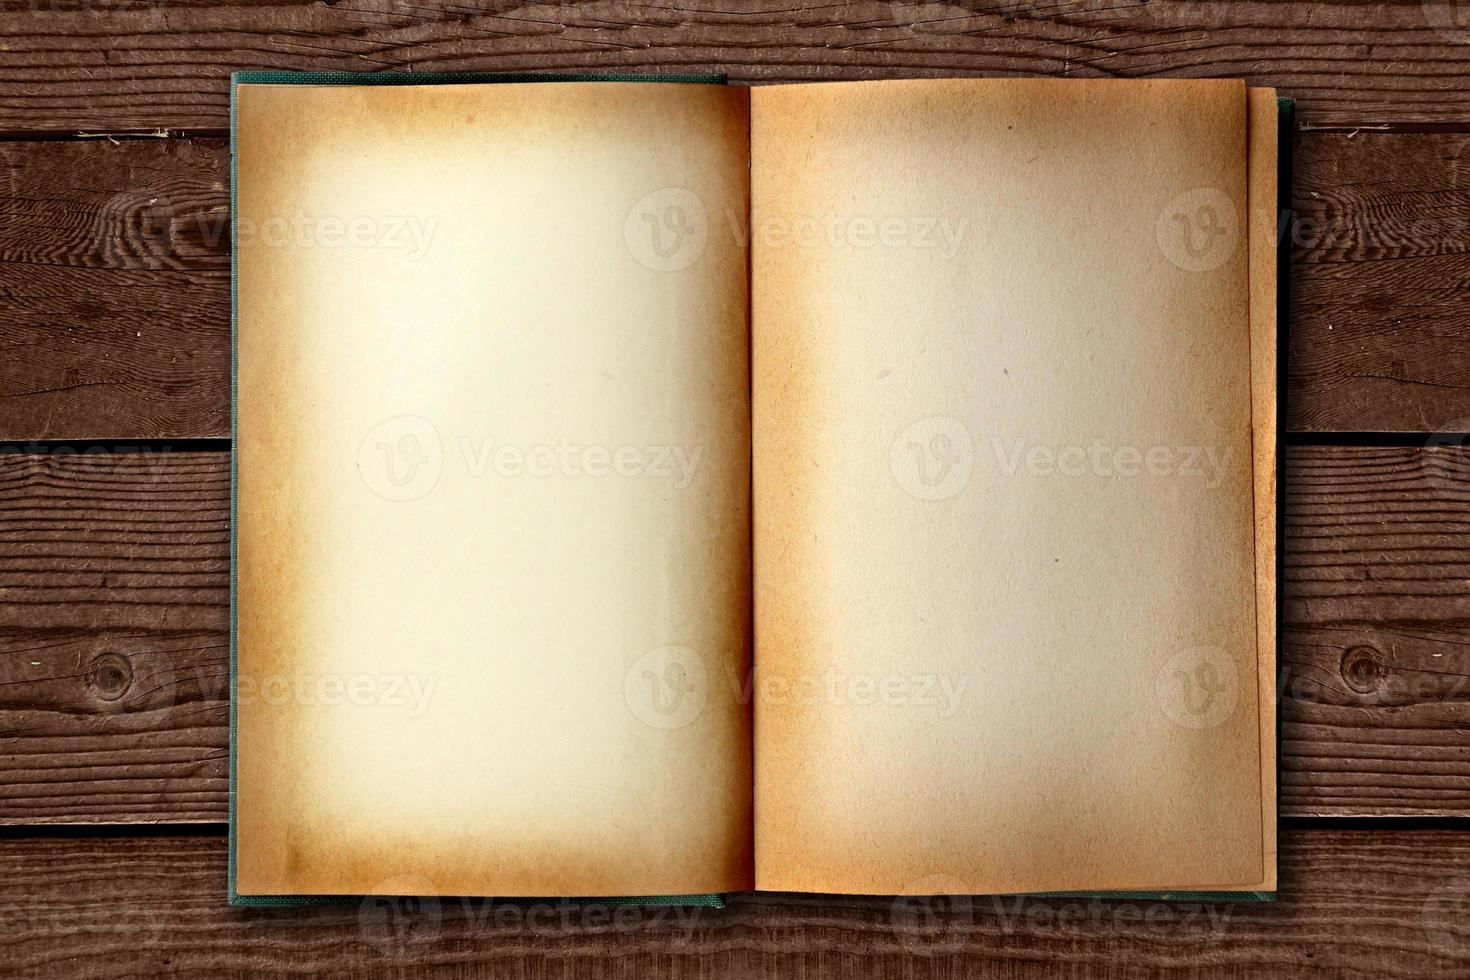 bevlekt oud werkboek open op een distessed achtergrond foto